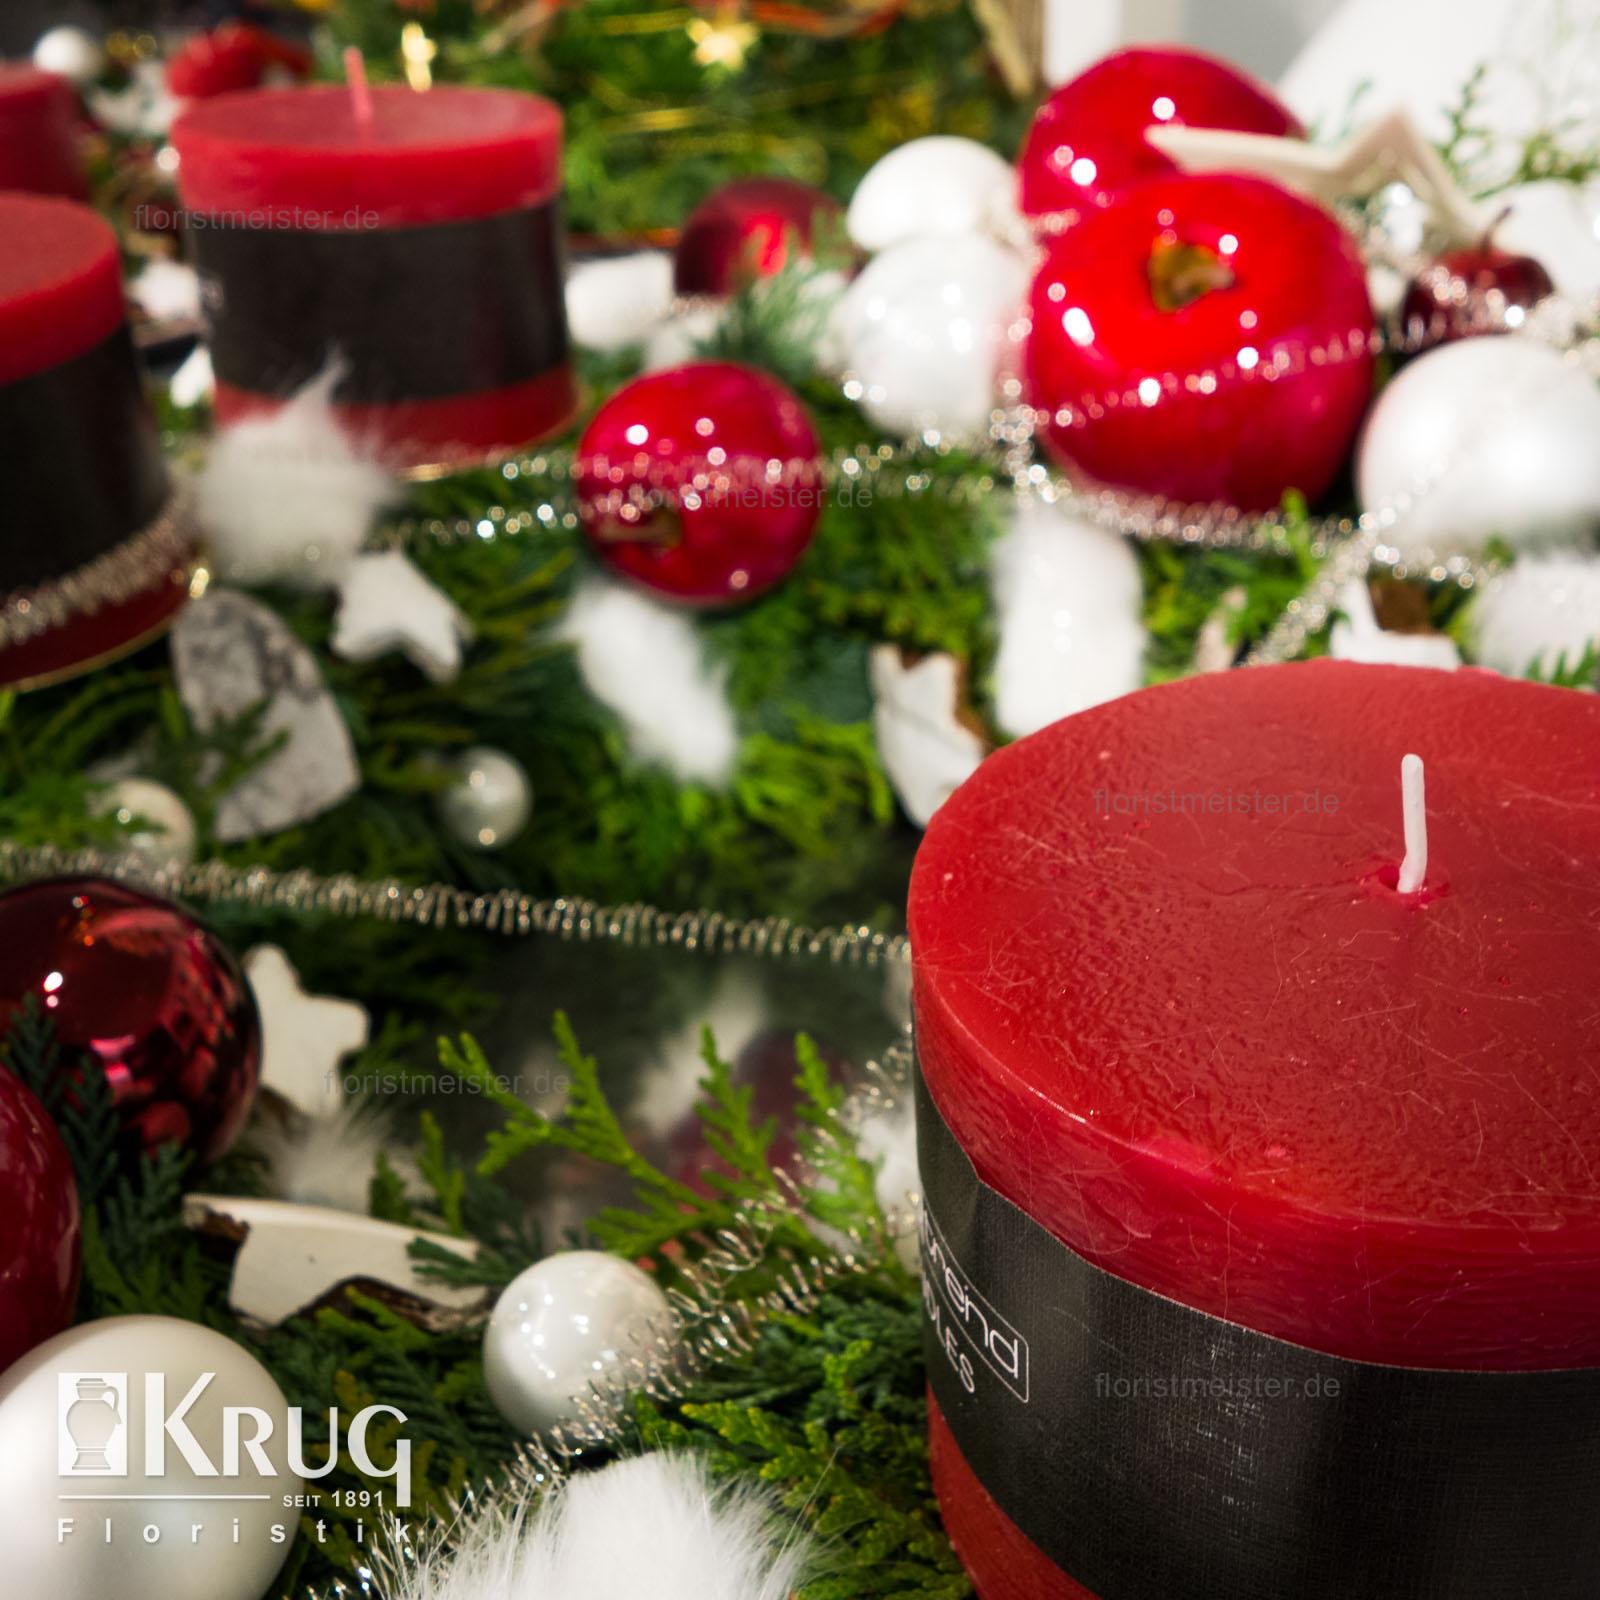 Adventskranz mit Kerzen, Äpfeln und Deko rot-weiß